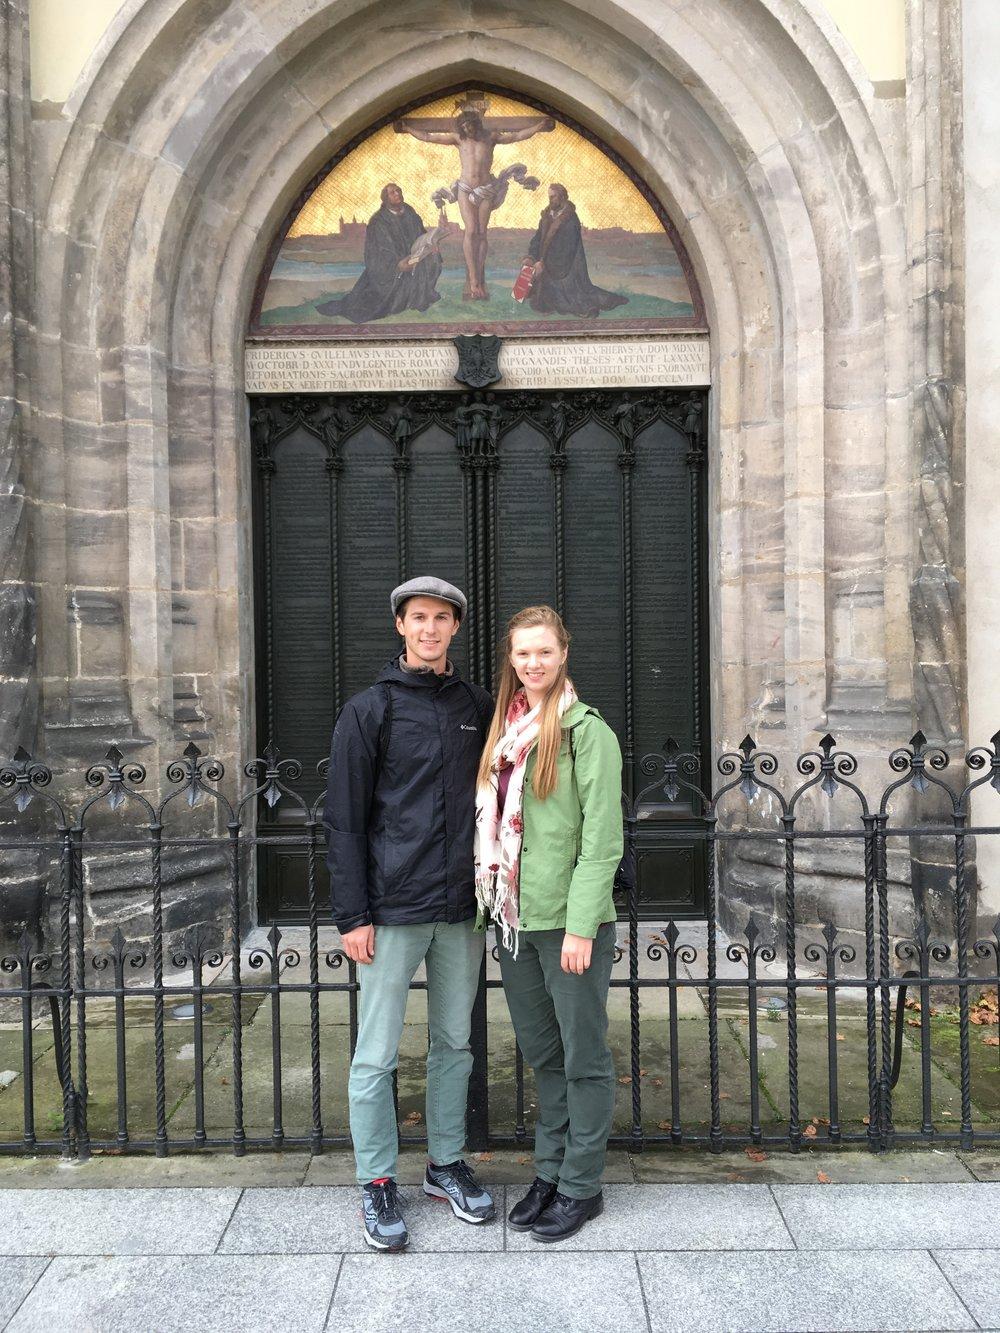 Doors of Castle Church